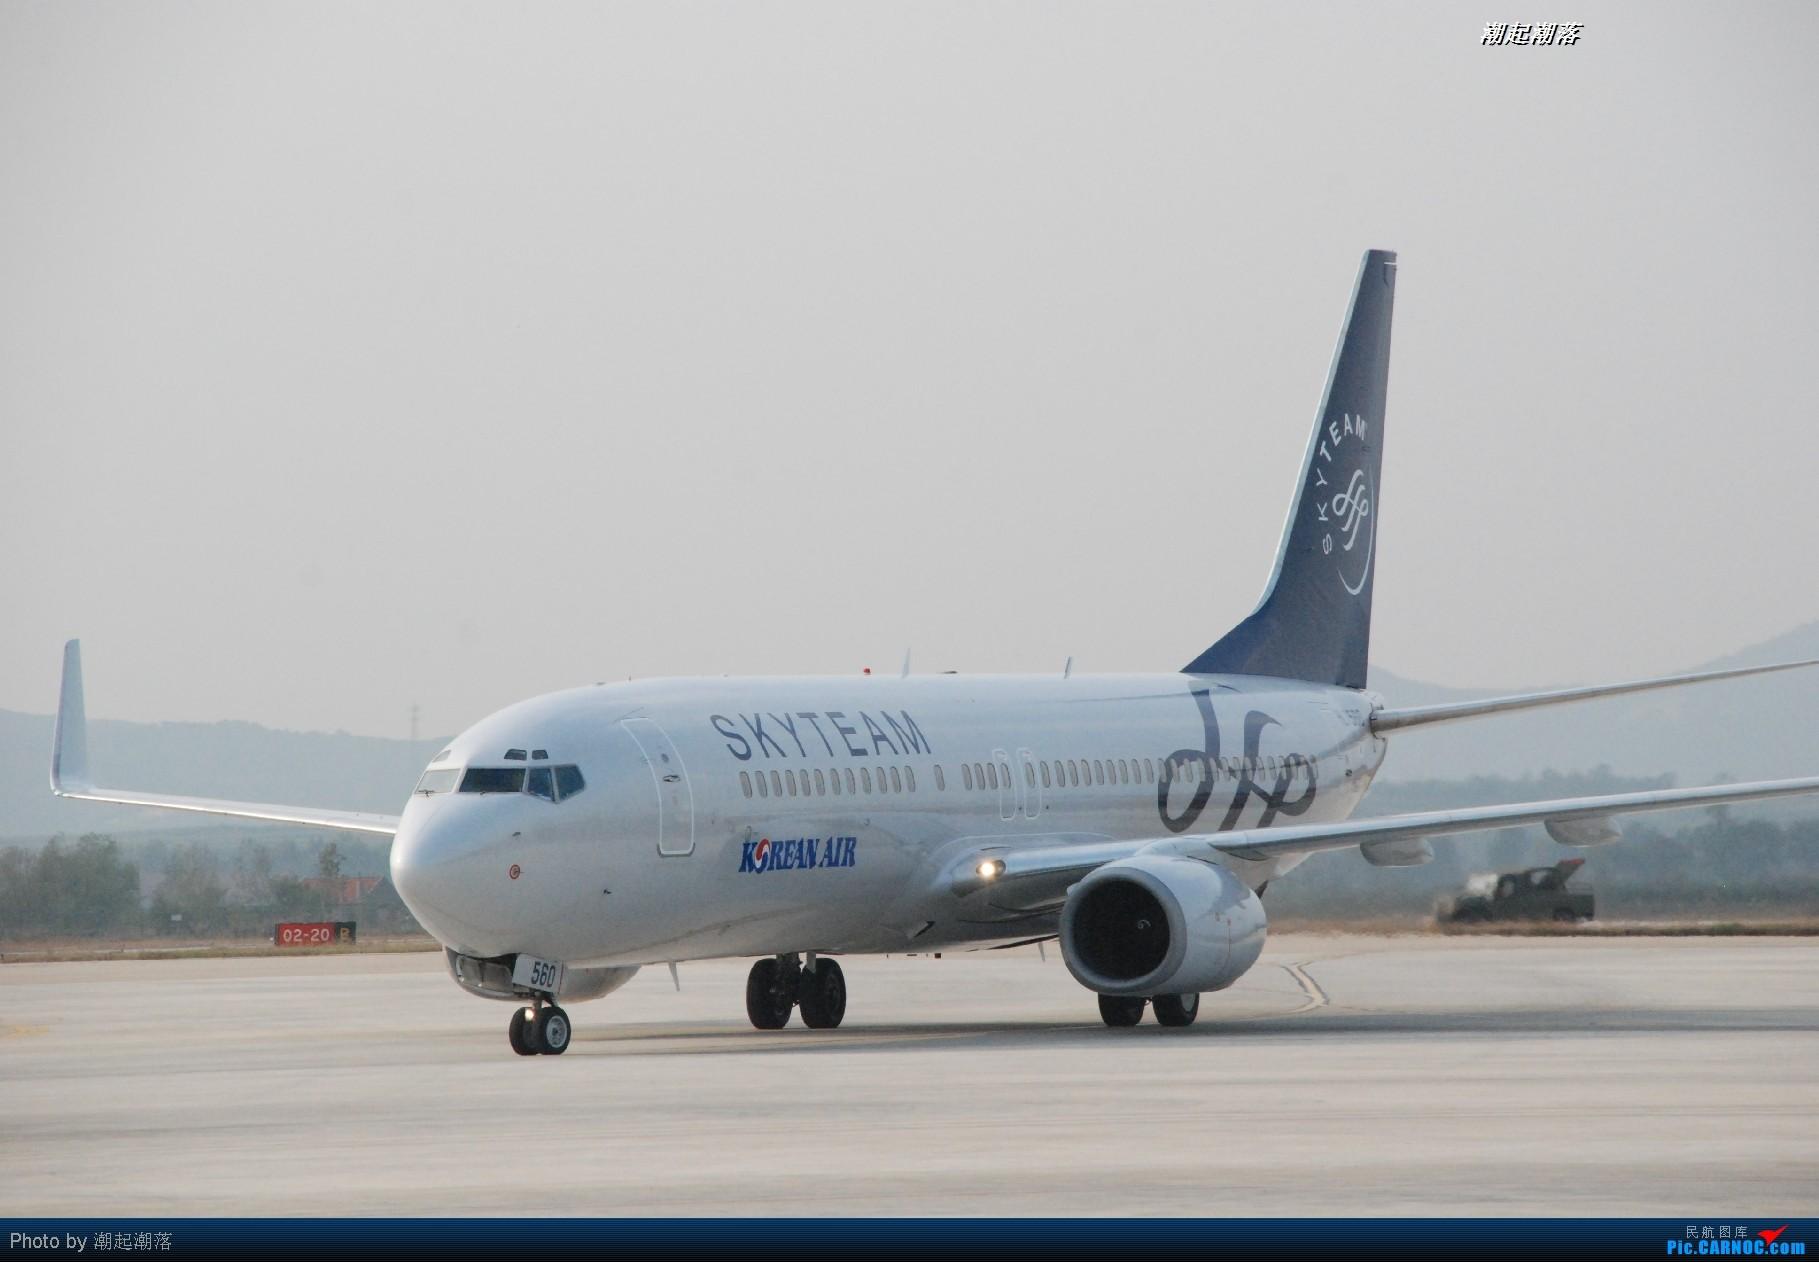 终于在威海机场拍到天和涂装大韩飞机